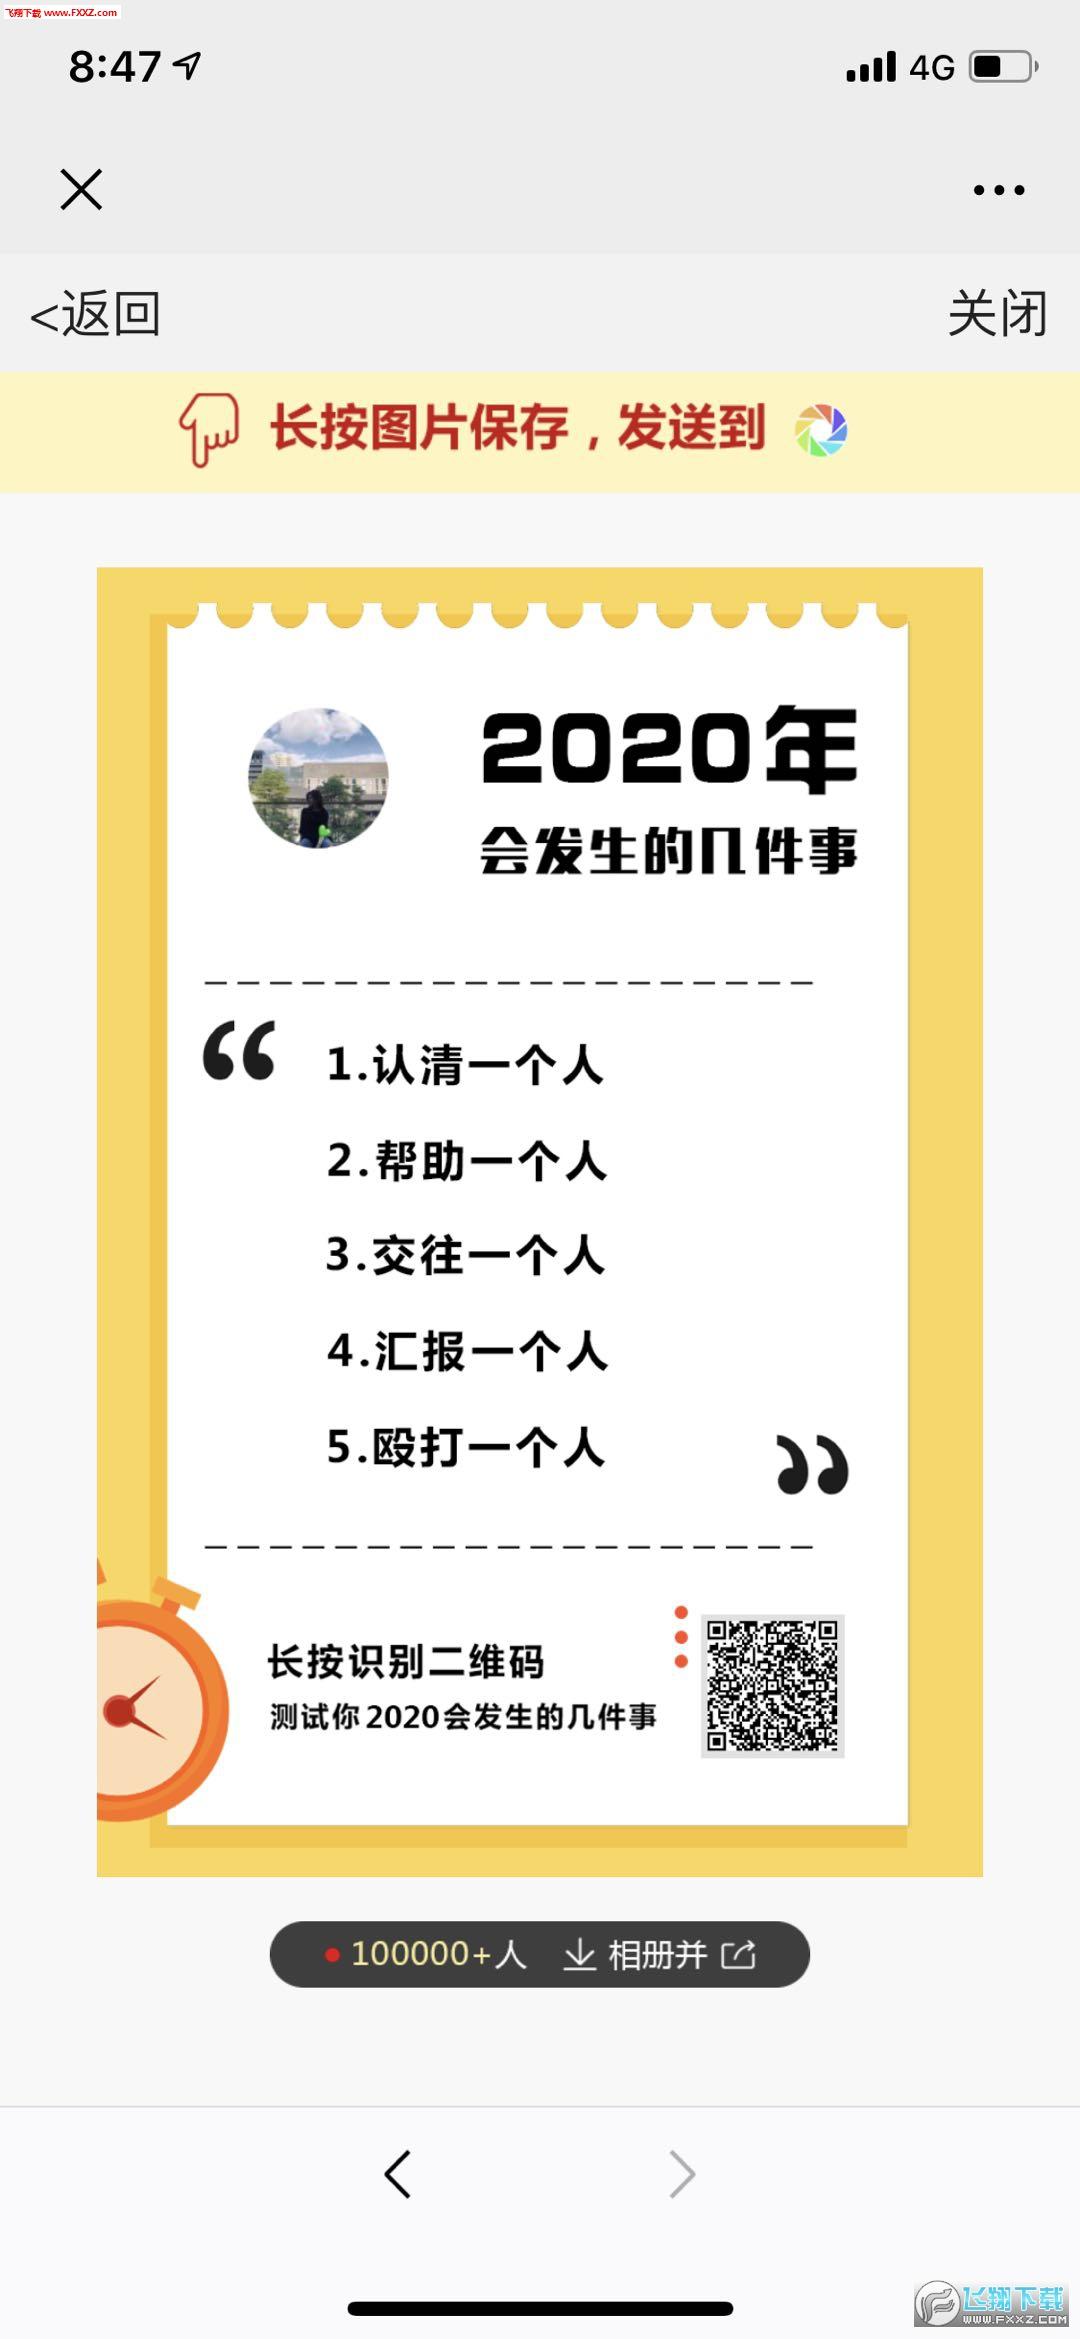 2020年会发生的几件事二维码v1.0截图0